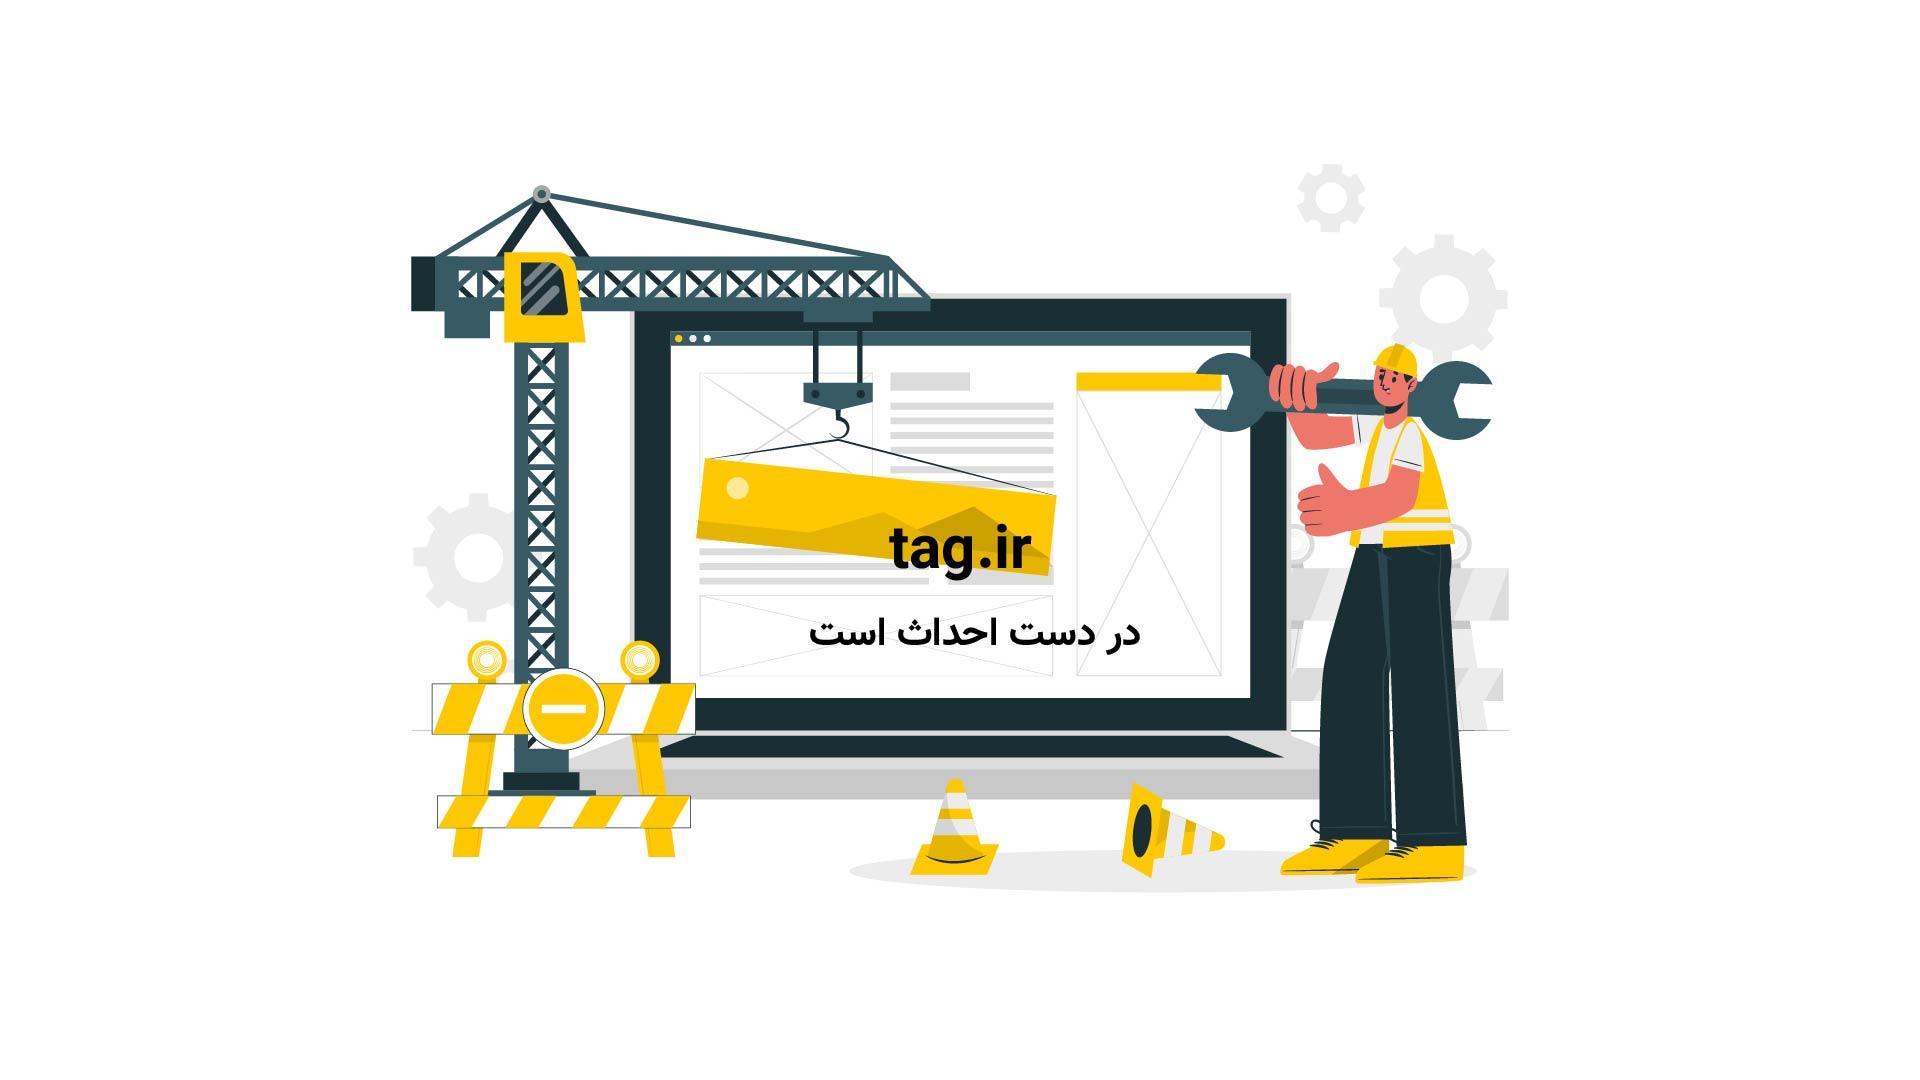 حمام میرزا رسول | تگ